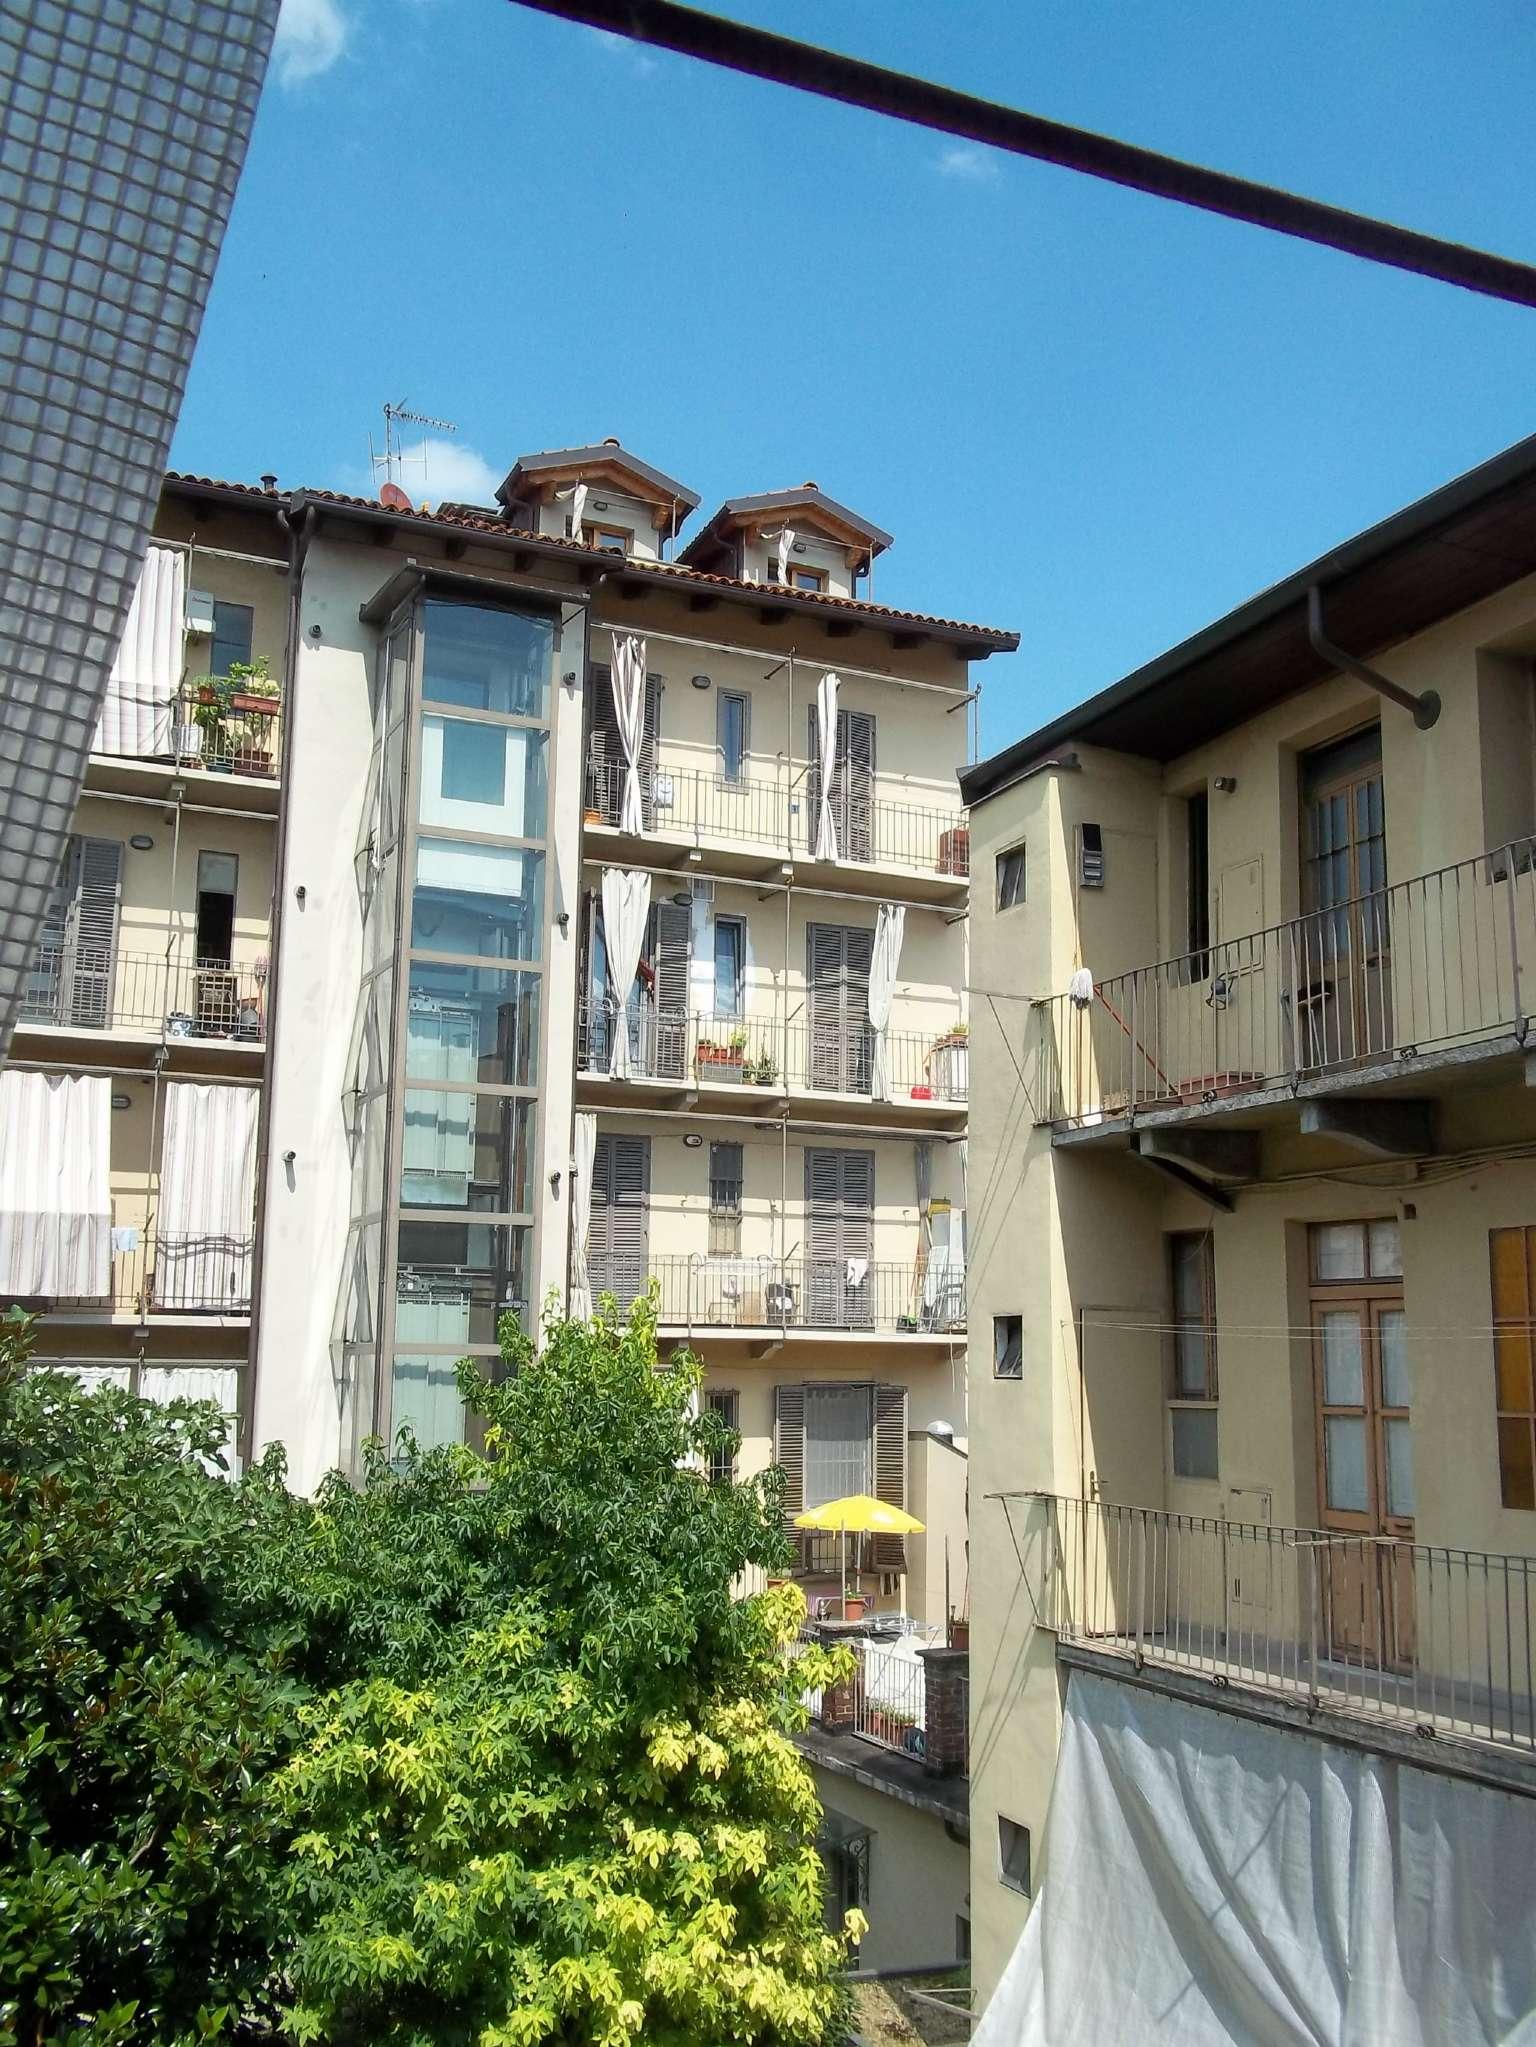 Appartamento in affitto Zona Cit Turin, San Donato, Campidoglio - via Pinelli 66 Torino